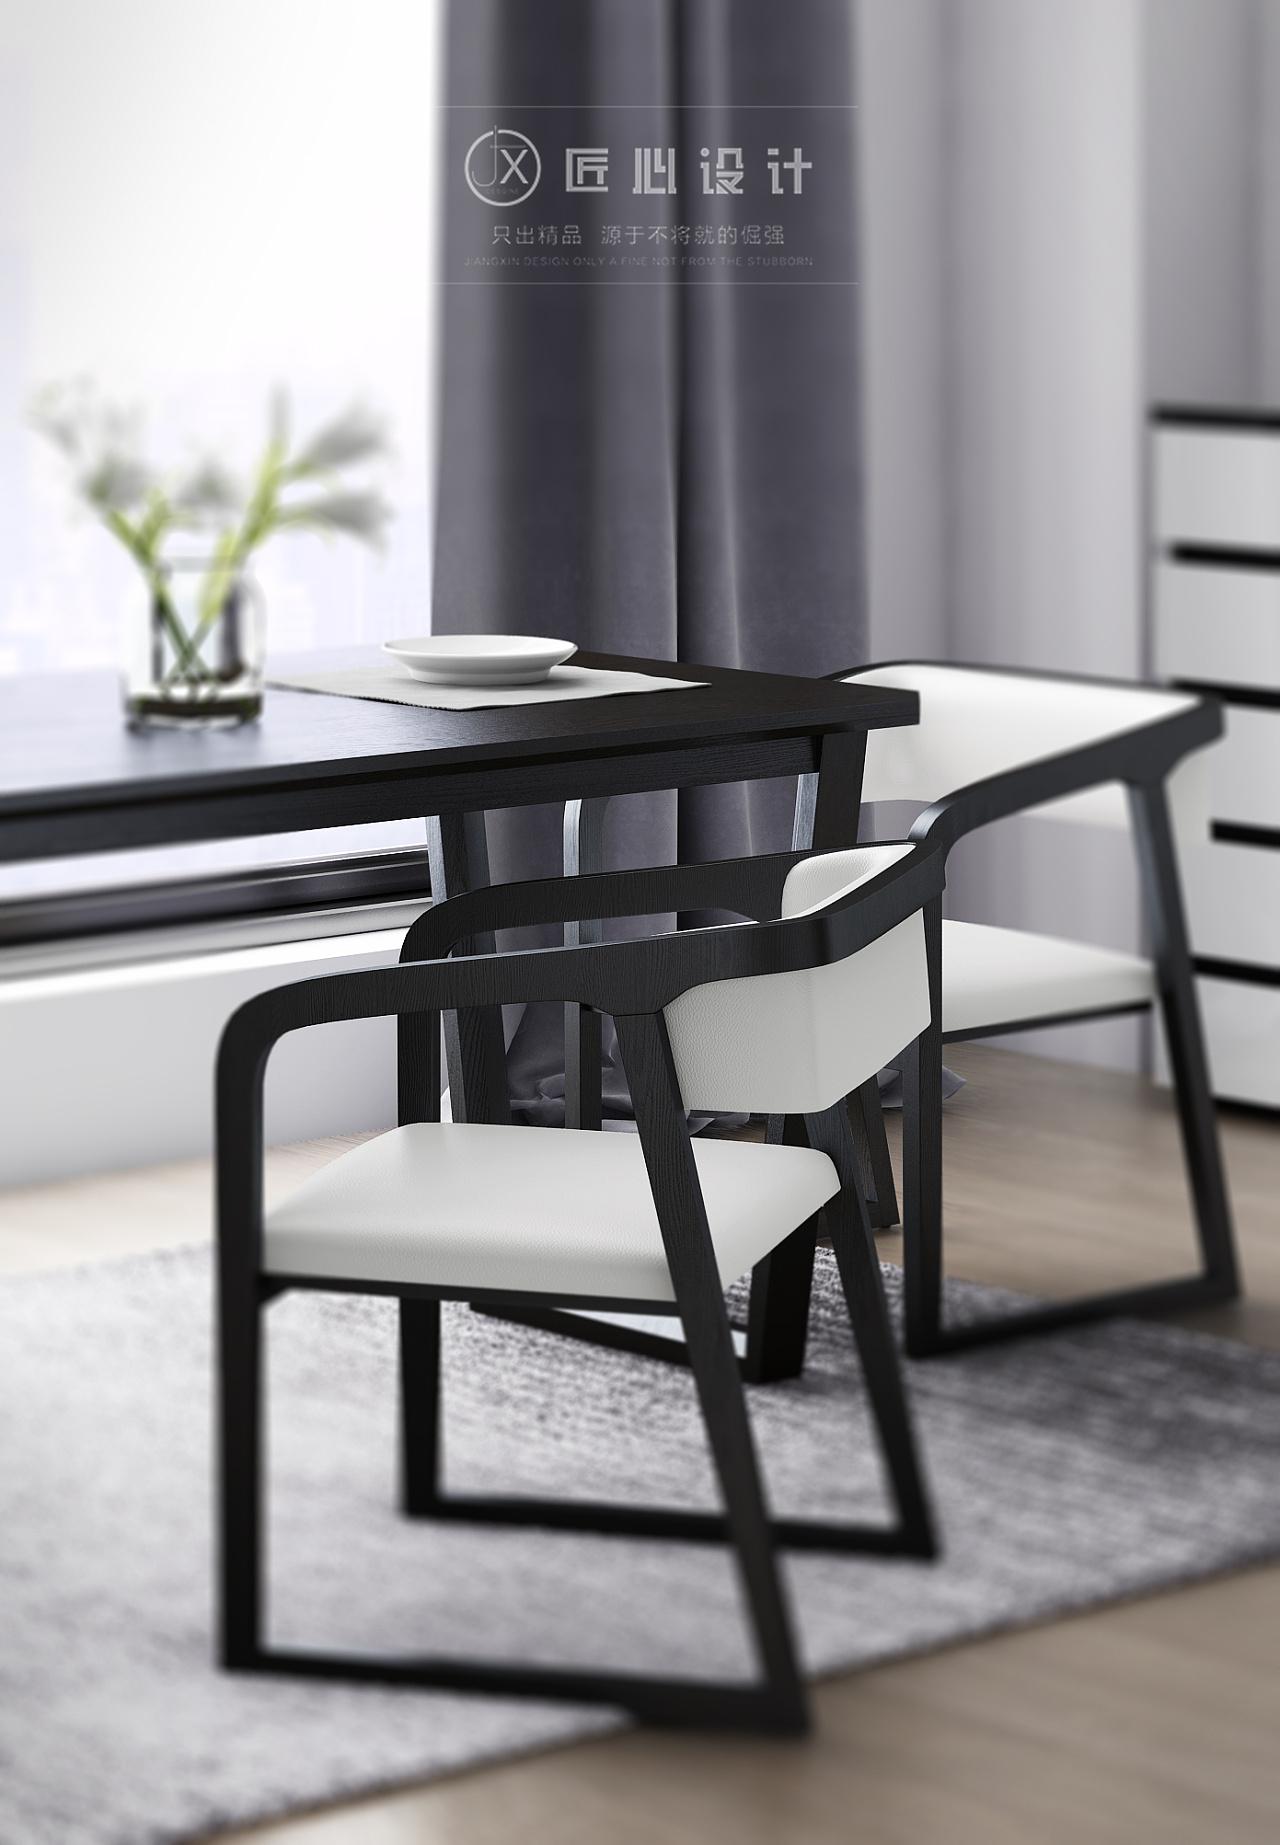 椅子设计手绘黑白